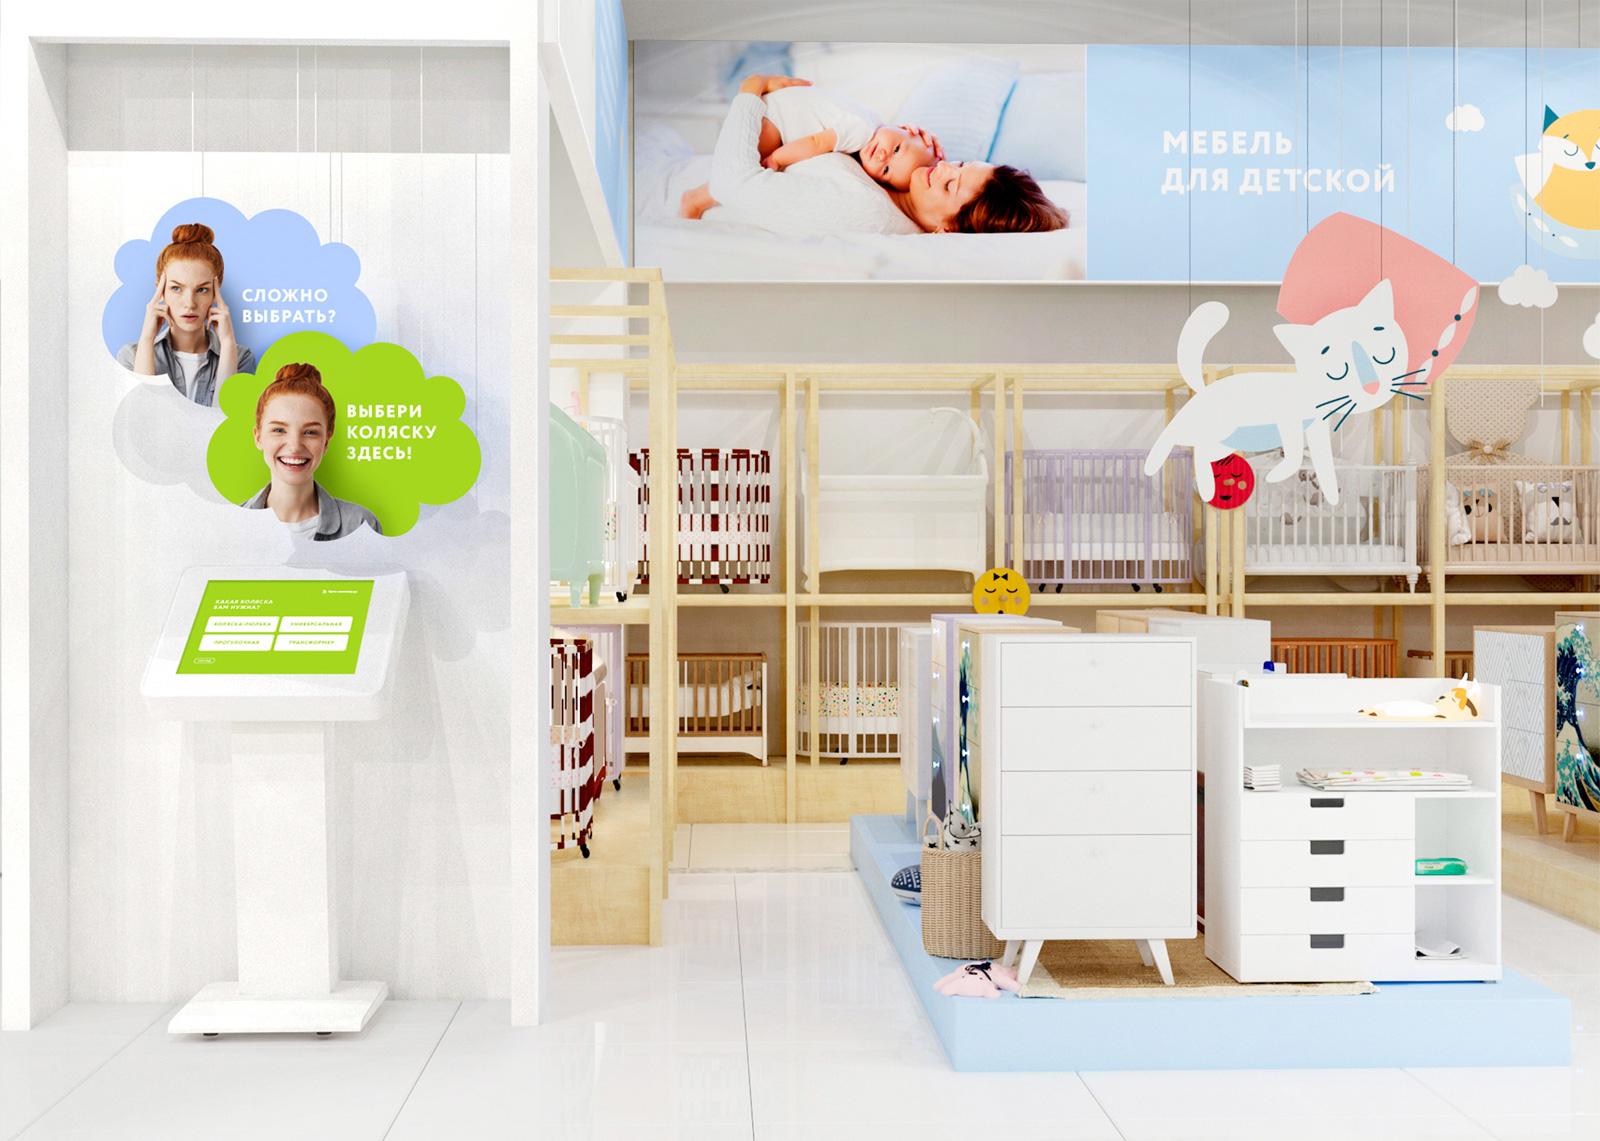 Разработка концепции дизайна интерьера магазина «Купи коляску», секция мебели для детской